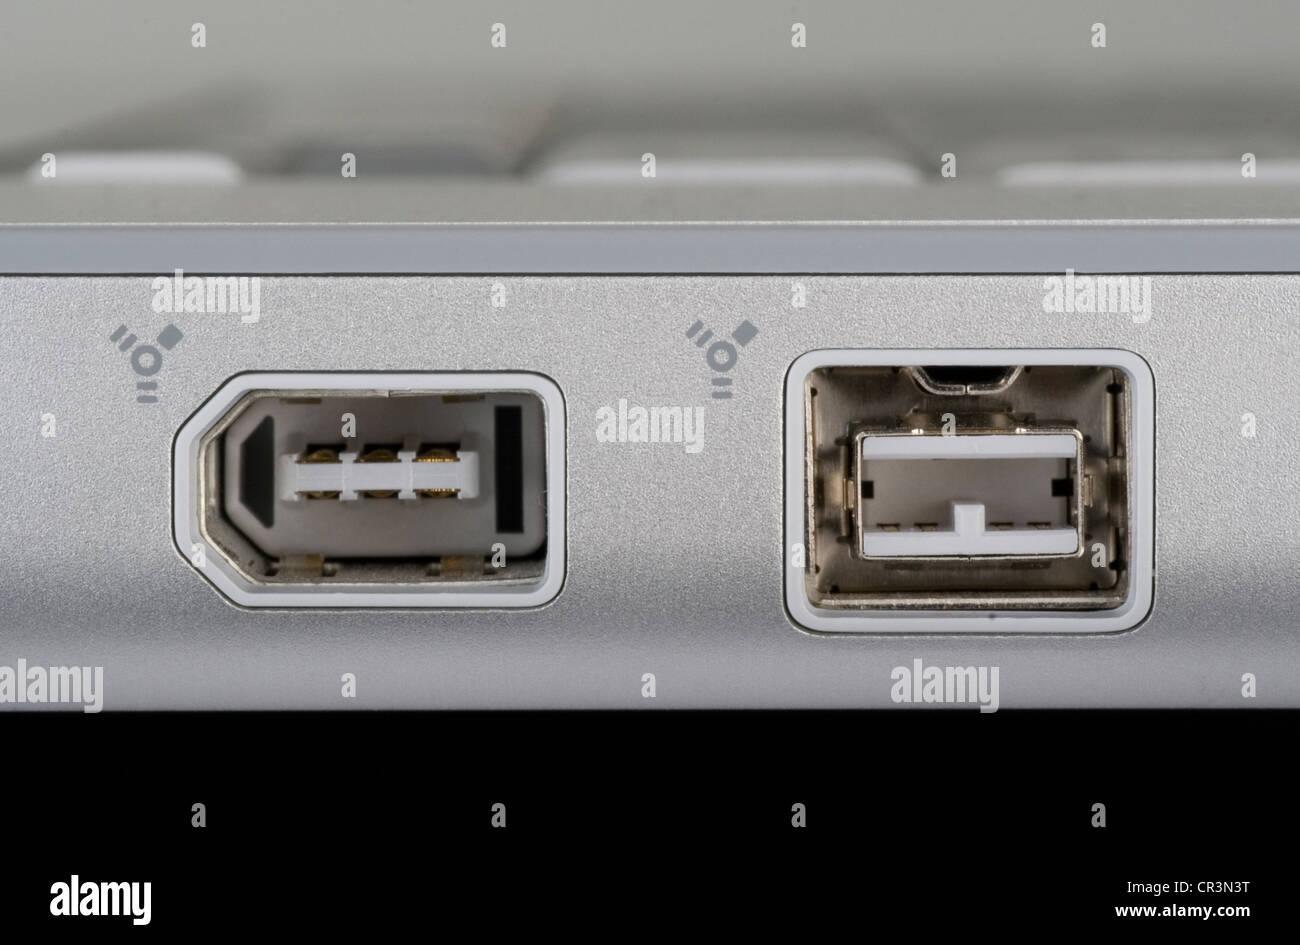 FireWire 400 und 800 Ports auf einem Notebook-computer Stockfoto ...